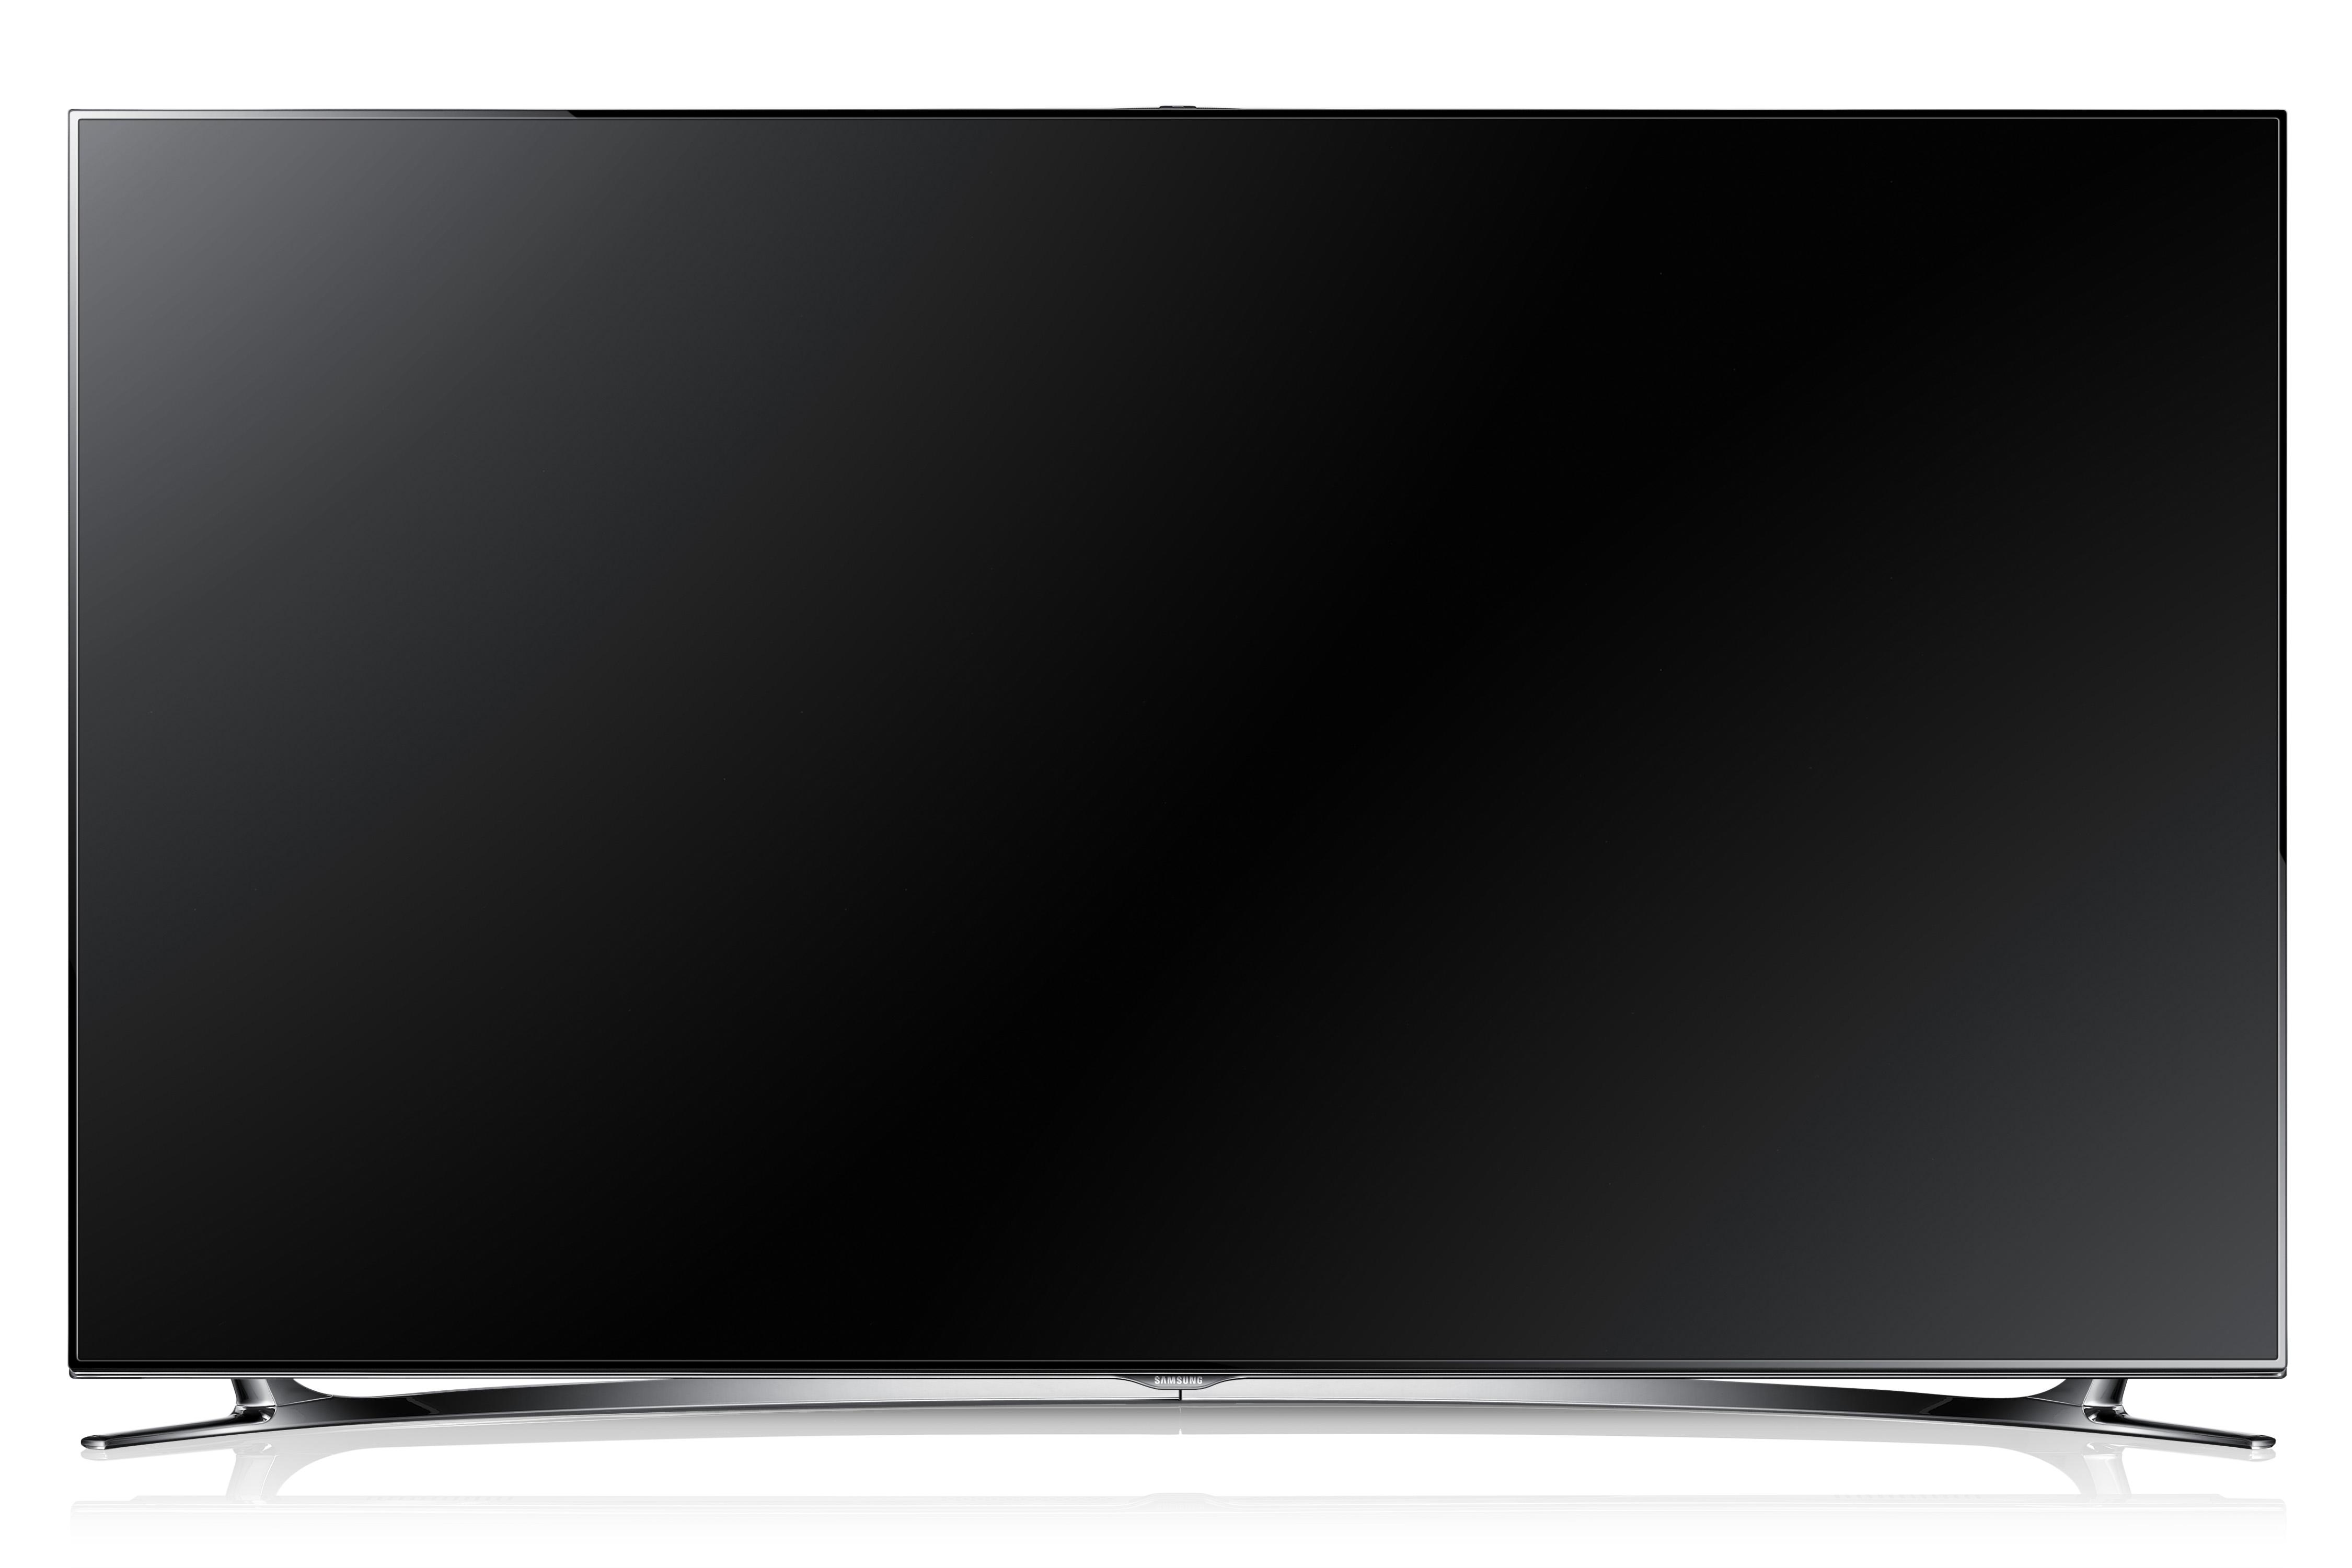 스마트TV 'F8000'